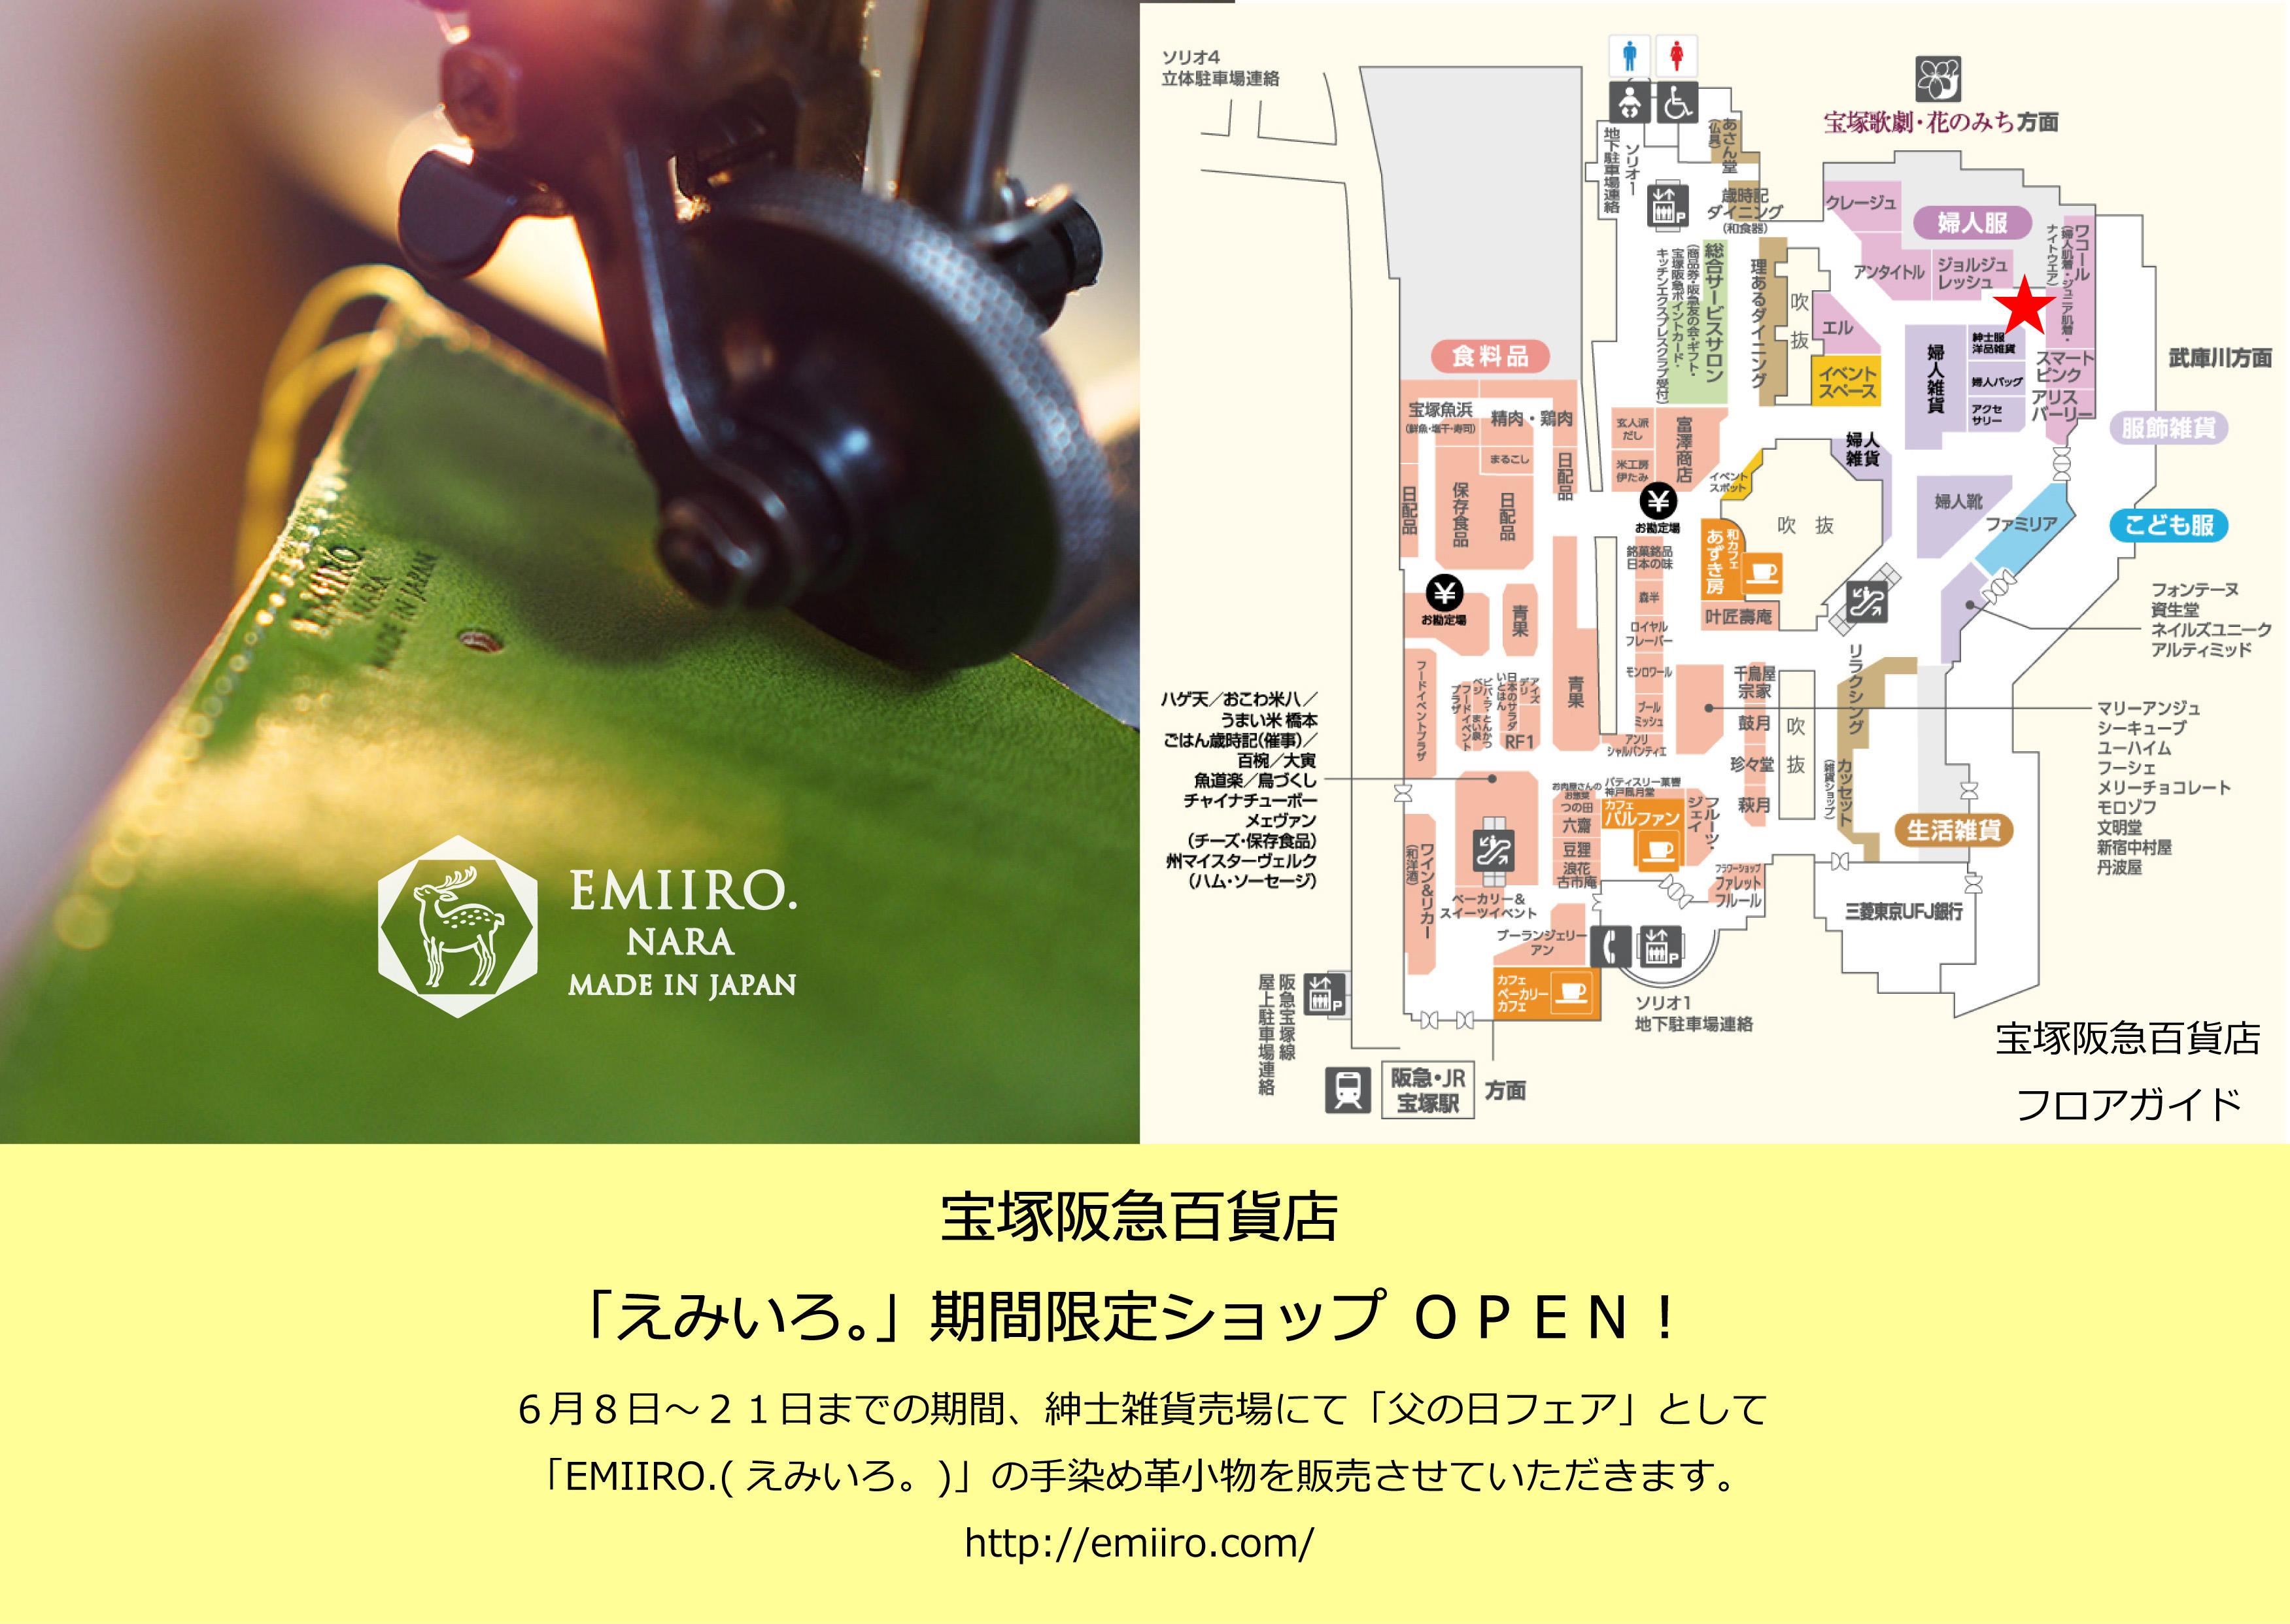 宝塚阪急 父の日フェア メイドインジャパン奈良